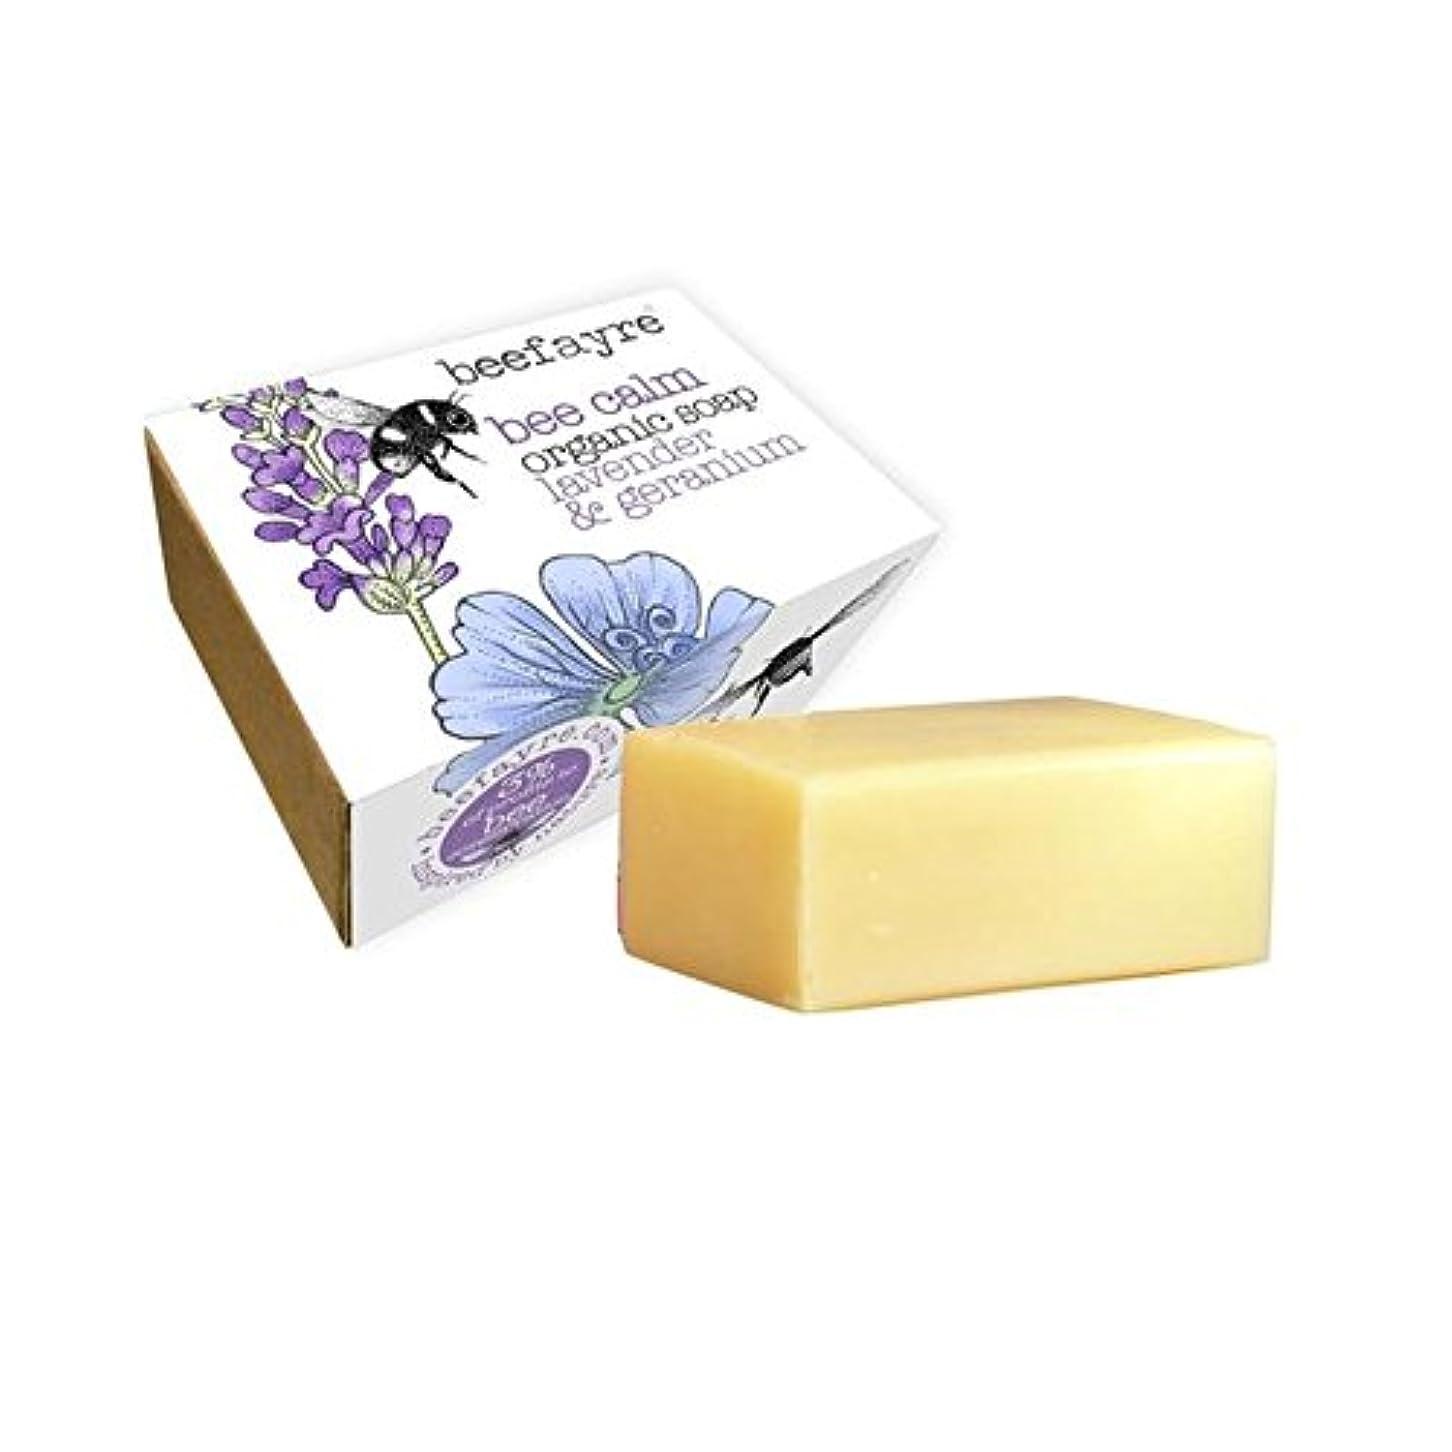 驚き圧縮するかるBeefayre Organic Geranium & Lavender Soap - 有機ゼラニウム&ラベンダー石鹸 [並行輸入品]